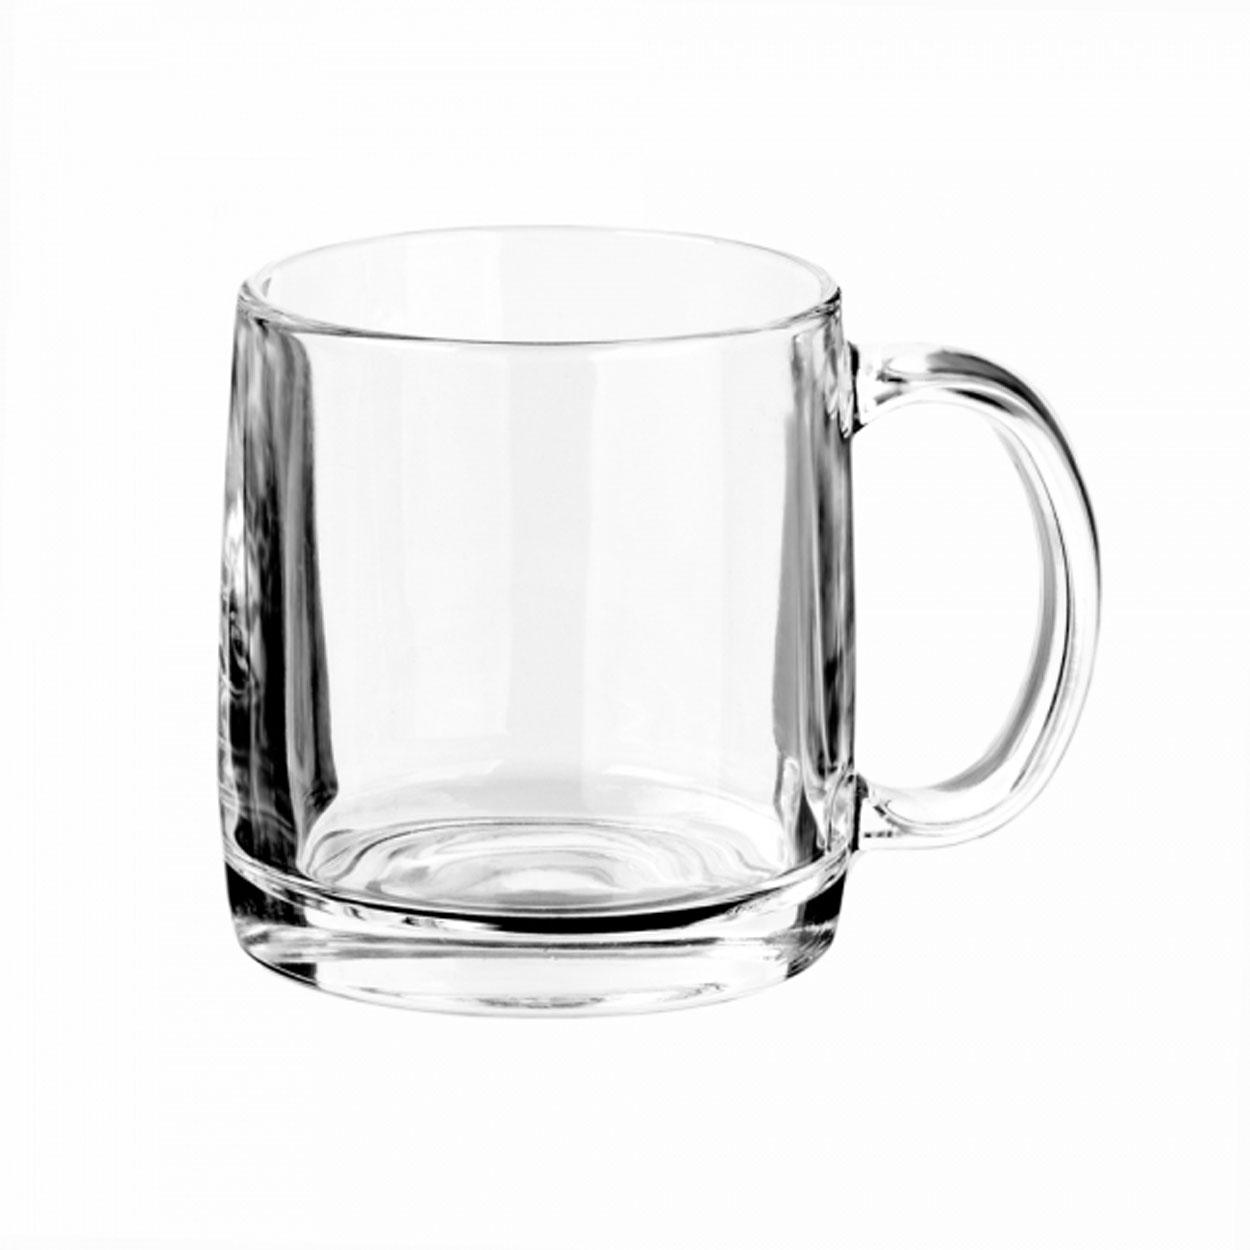 Кружка Luminarc Нордик, цвет: прозрачный, 380 млH8502Кружка Luminarc Нордик изготовлена изупрочненного стекла. Такая кружка прекрасноподойдет для горячих и холодных напитков. Онадополнит коллекцию вашей кухонной посуды ибудет служить долгие годы.Можно использовать в посудомоечной машине имикроволновой печи.Объем кружки: 380 мл.Диаметр кружки (по верхнему краю): 8 см.Высота стенки кружки: 9,5 см.